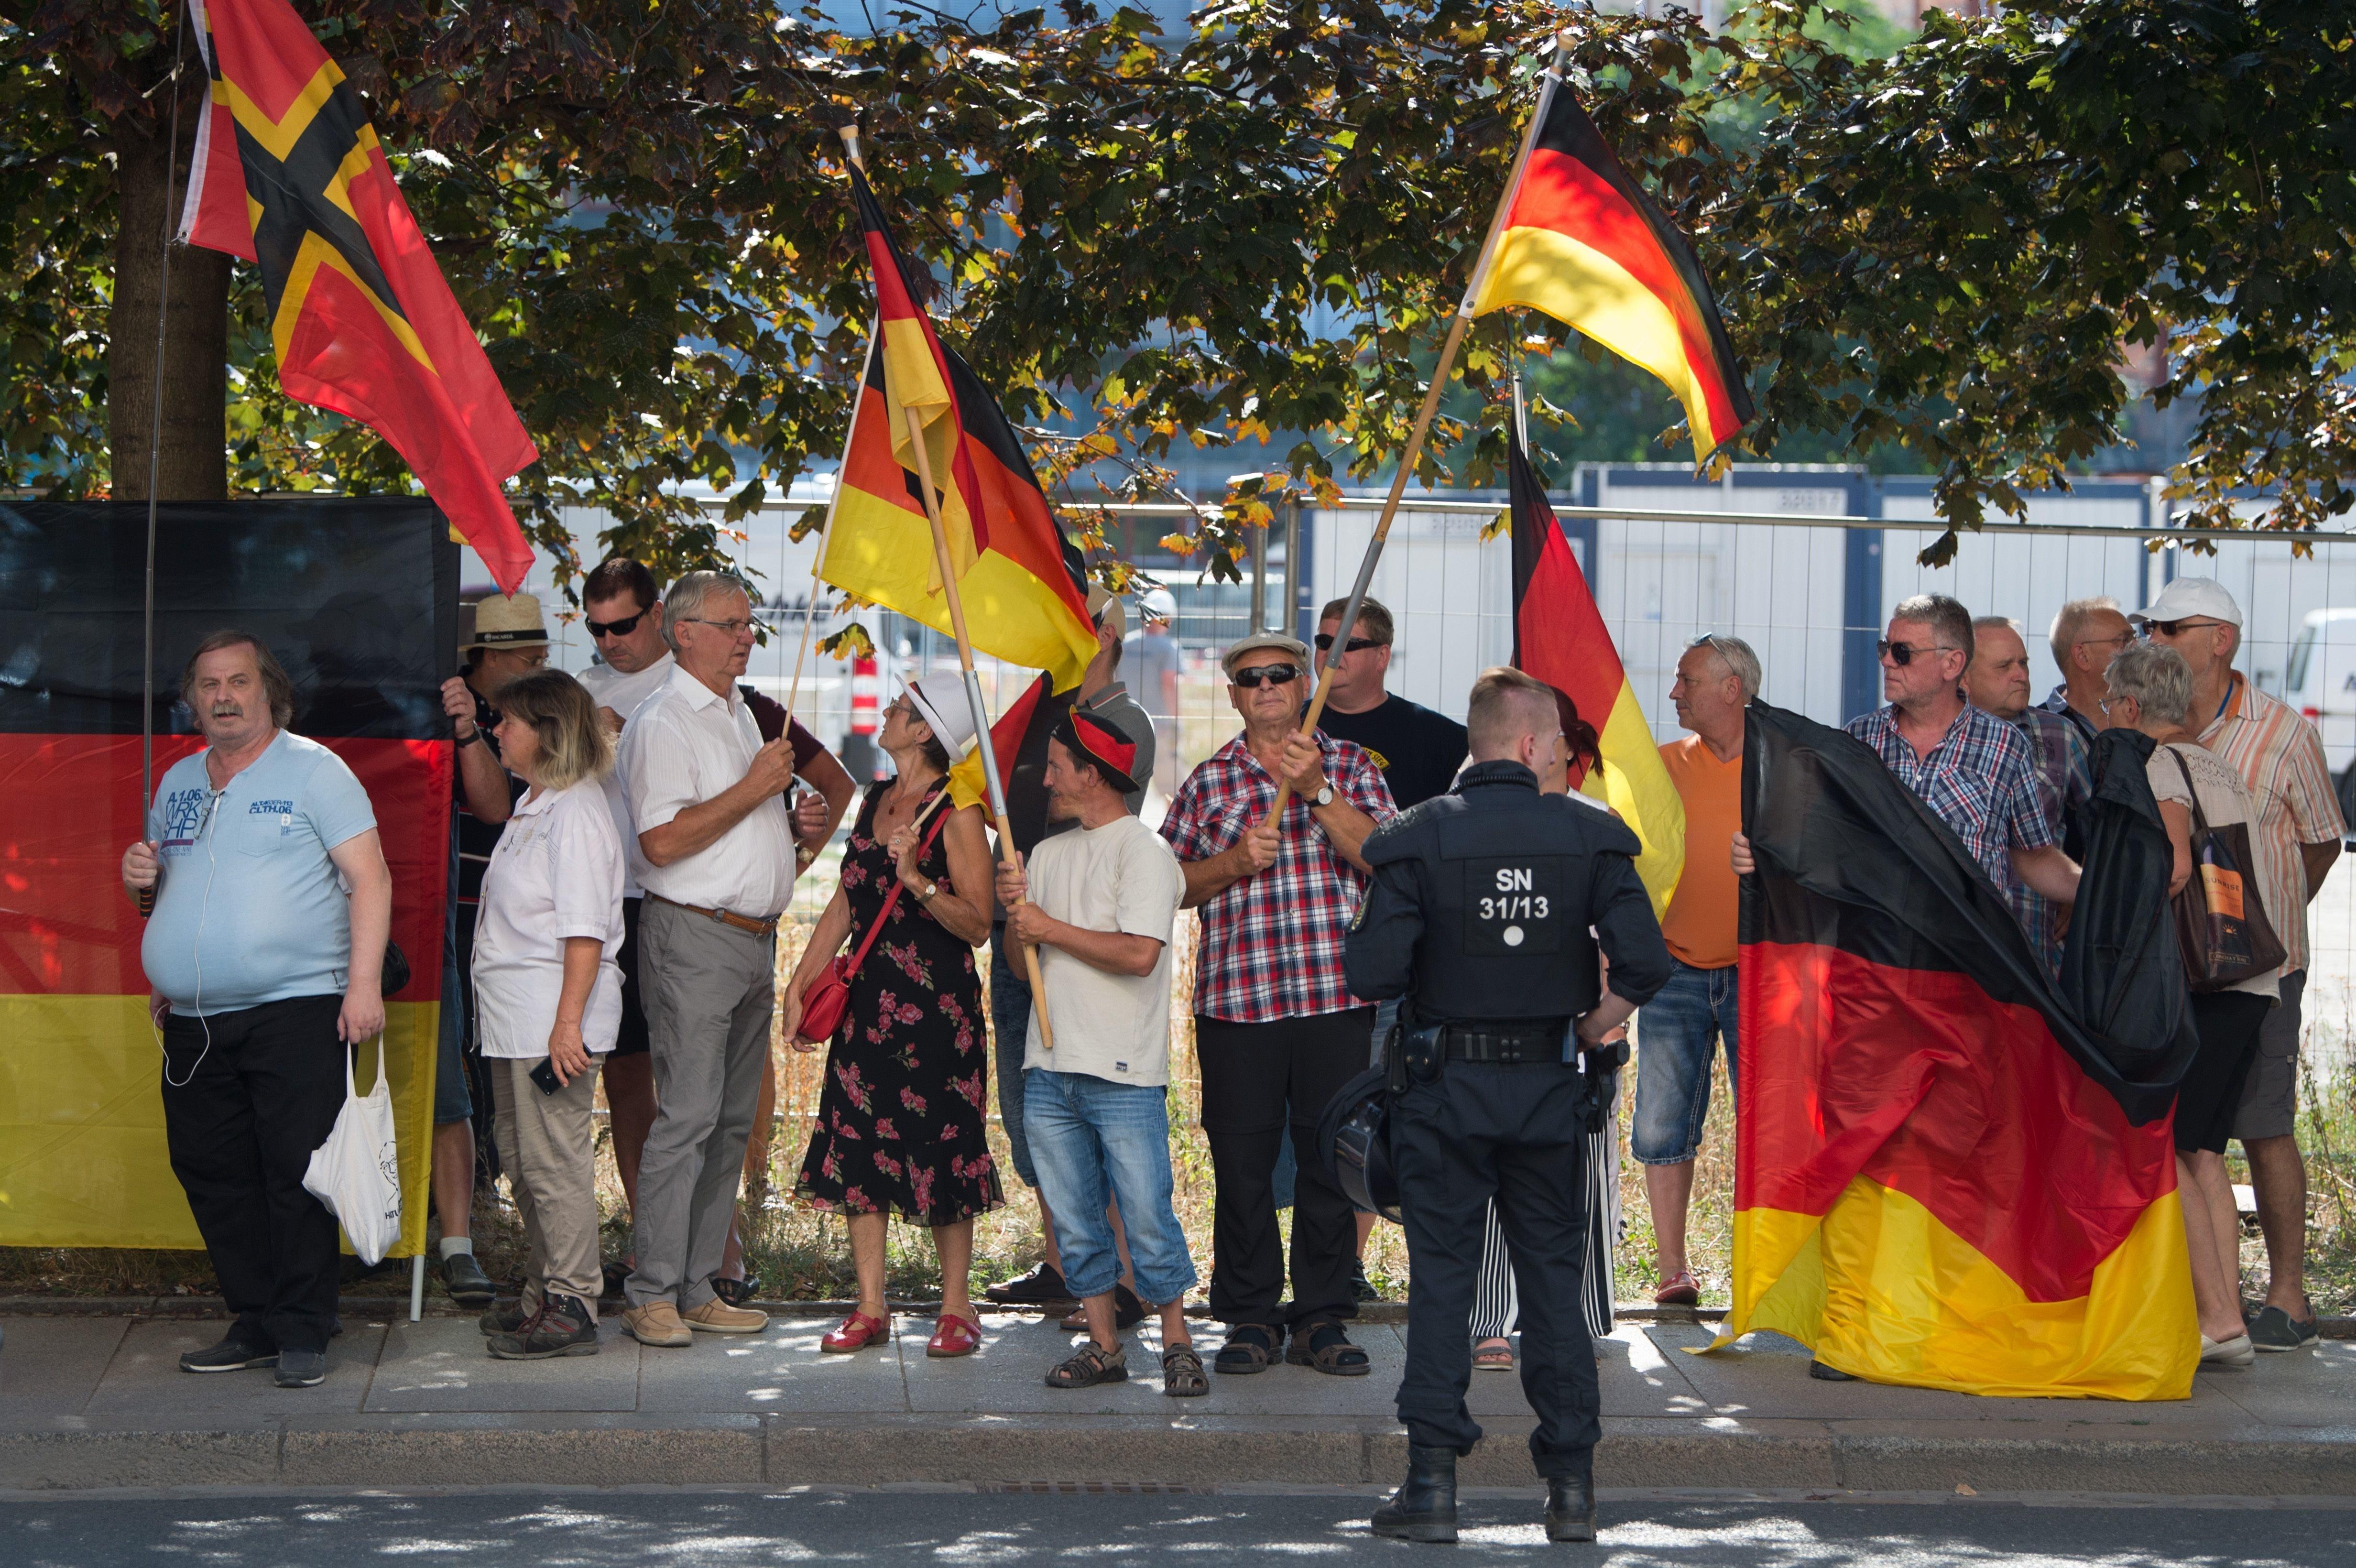 Pegida-Demo bei Merkel-Besuch: ZDF fordert Aufklärung über Polizeieinsatz